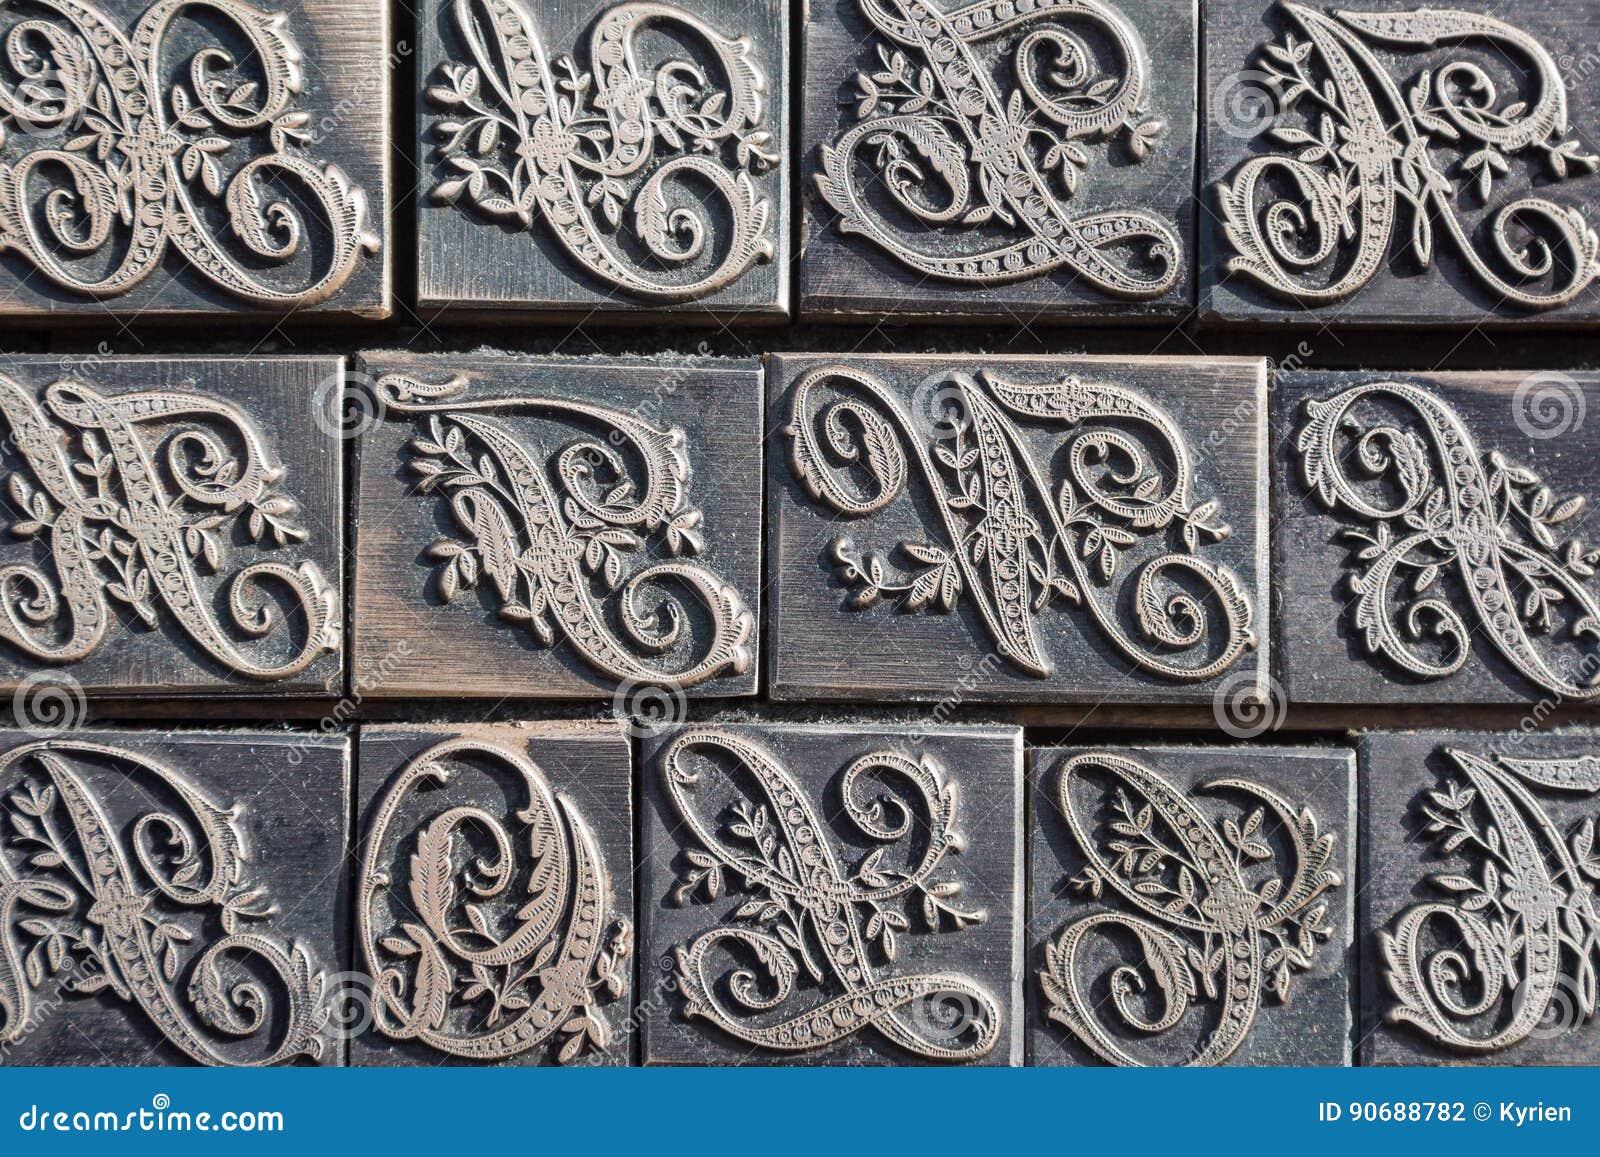 Detail einer Art Kasten für Kalligraphiebuchstaben